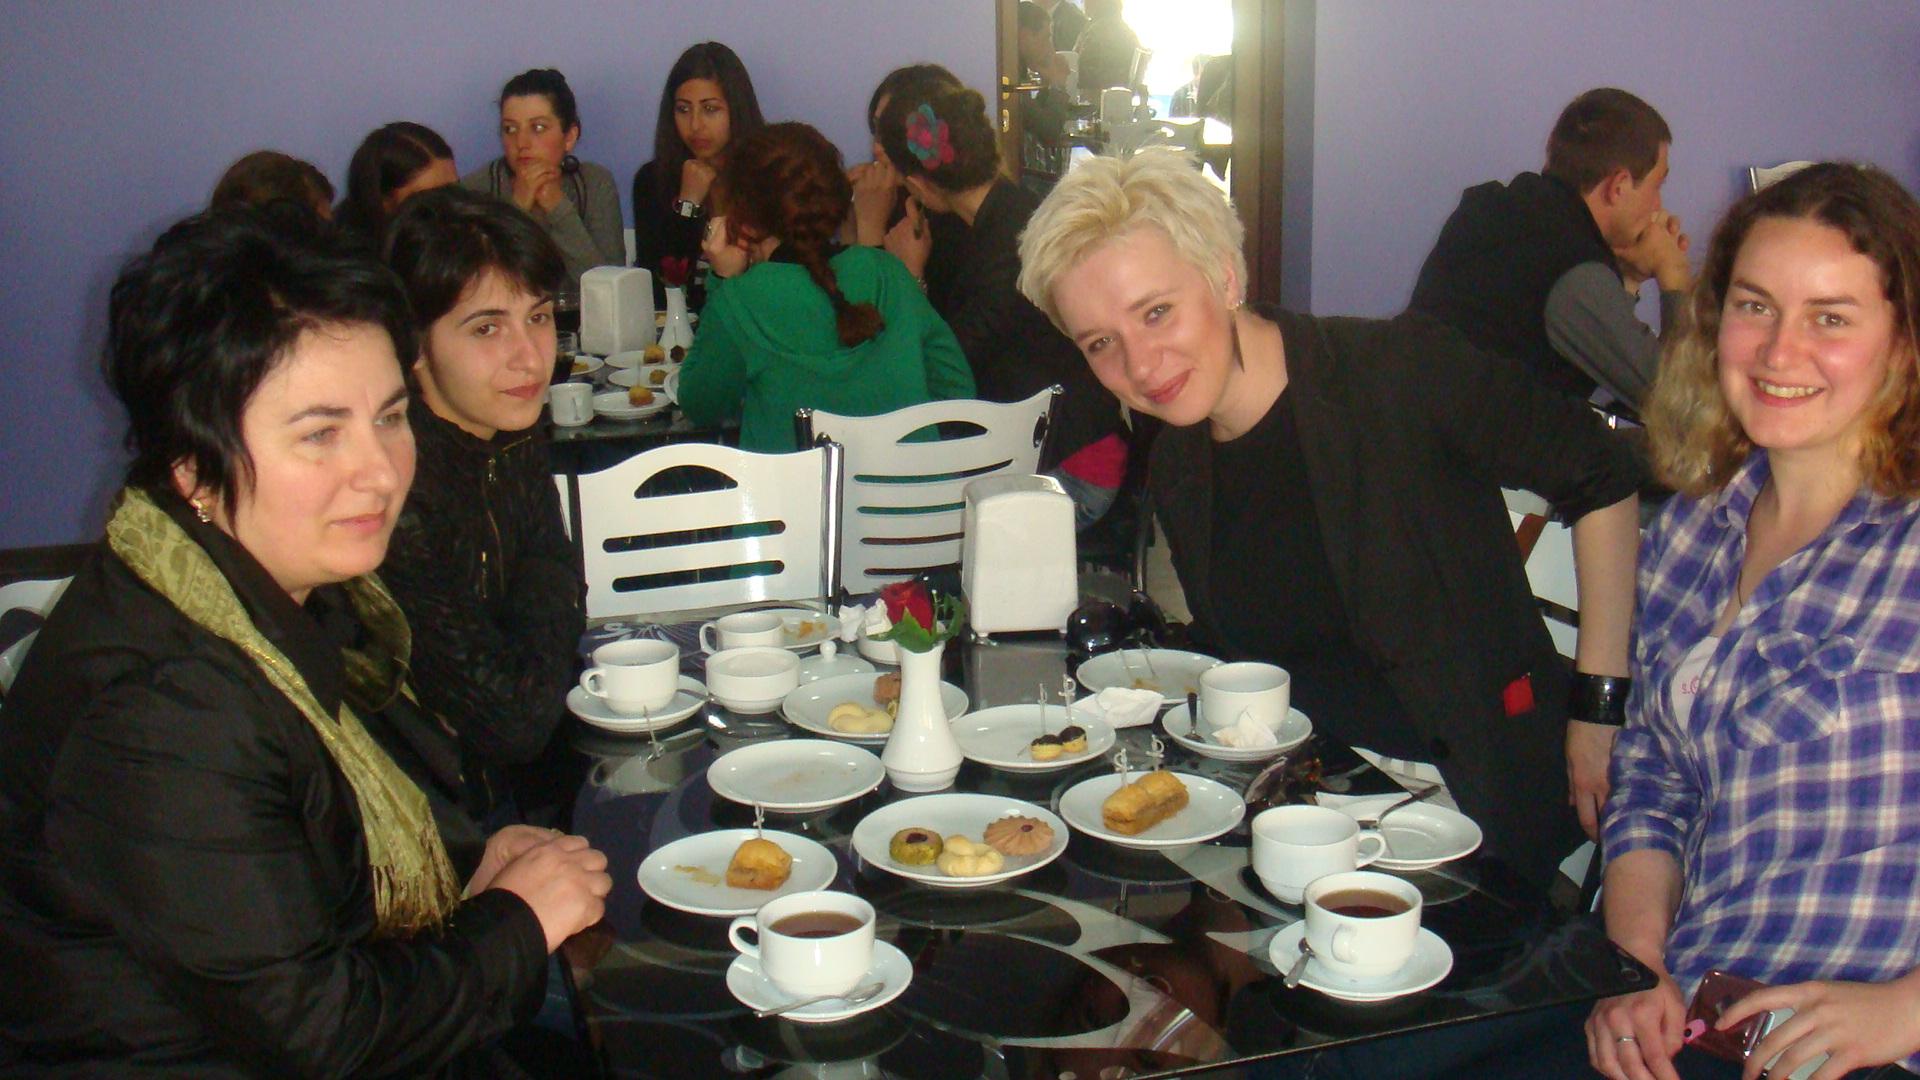 Gruzja, obcokrajowcy w Gruzji, wolontariat w Gruzji, Martyna Skura, blog podróżniczy